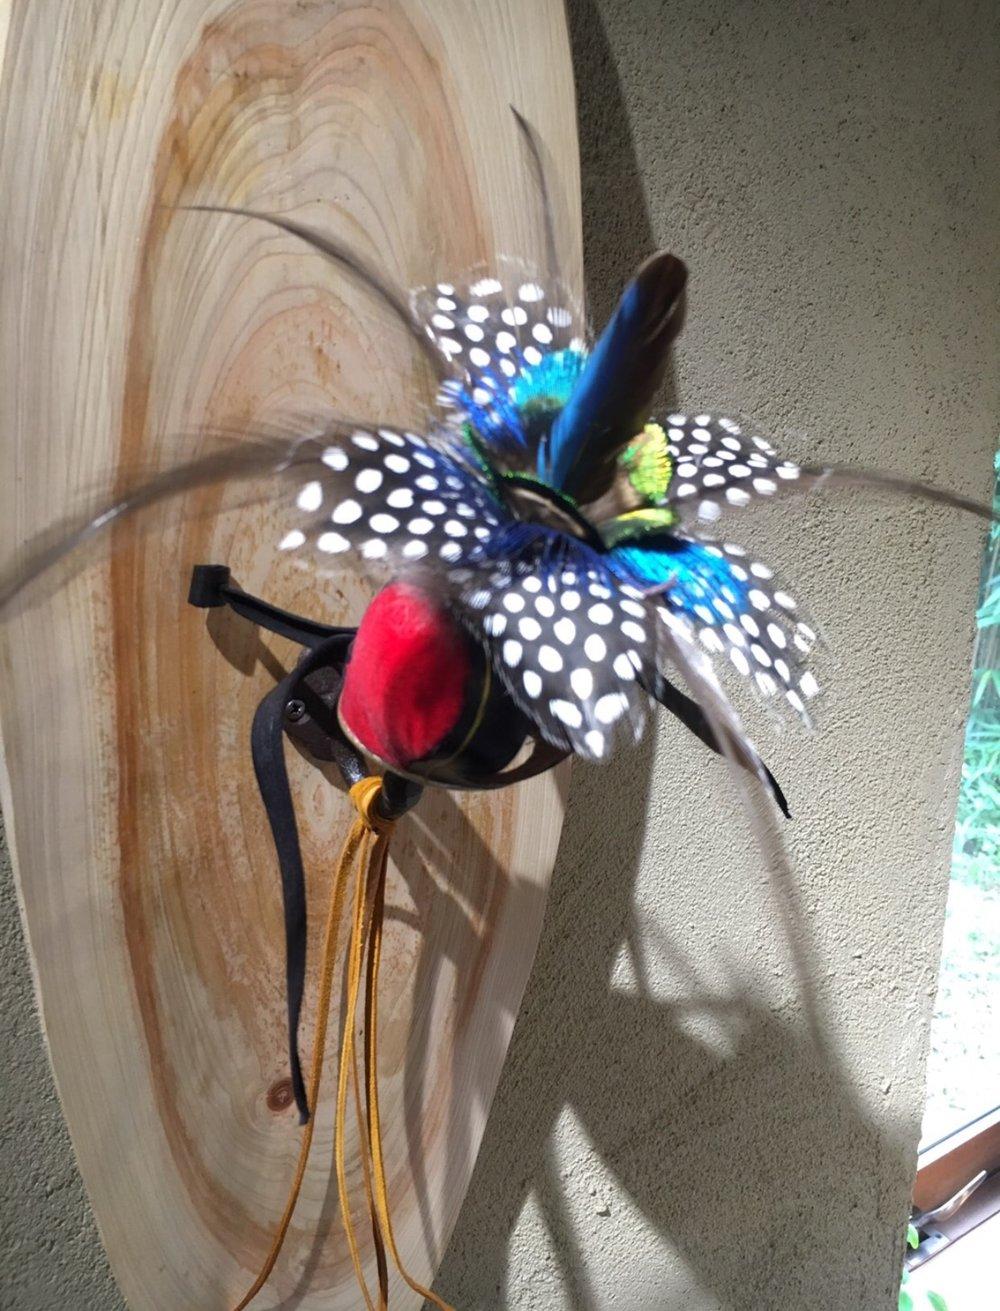 Falconry Hood-making Artist   杉崎一彦  URL: http://falconoid.server-shared.com/  こちらの鷹のHoodや、鷹匠の道具は8月28日まで、伊奈町のVientoで展示されています。私には珍しいものでしたので、新しい知識がほんのちょっと増えて楽しかったです。  Viento 埼玉県伊奈町小室6093−3 TEL0487222303